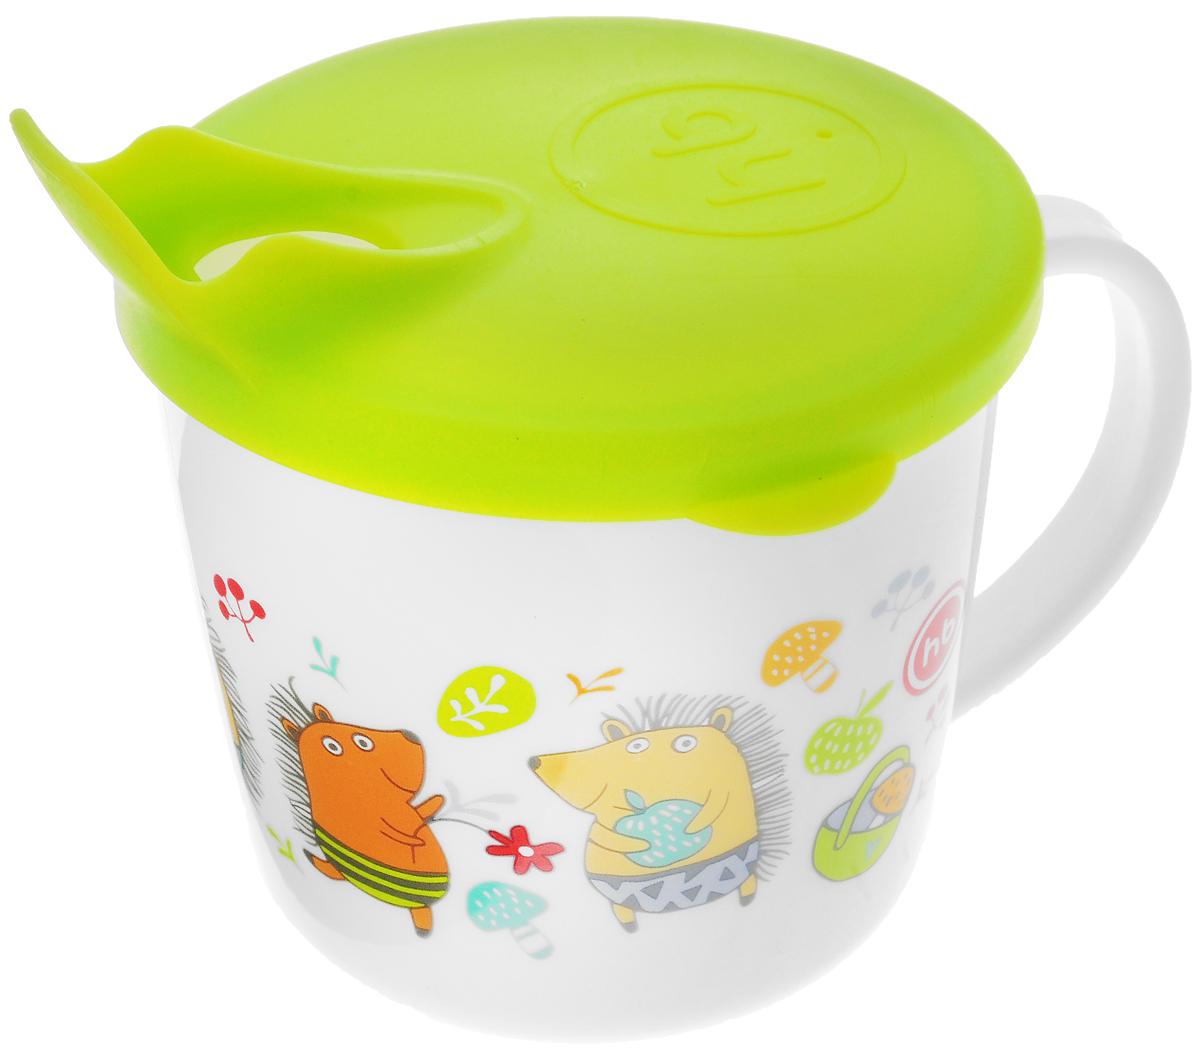 Happy Baby Чашка-поильник Ежики от 8 месяцев цвет салатовый15010NEW_салатовый ежикиЧашка-поильник Happy Baby Ежики рекомендована для деток, которые переходят от грудного вскармливания или кормления из бутылочки к кружке. Поильник идеально подходит для малышей. Ребенку будет удобно держать его благодаря ручке. Крышка поильника снабжена носиком для питья, который сделает переход от кормления из бутылочки к питью из чашки более легким и комфортным для ребенка. Поильник украшен яркими изображениями, которые привлекут внимание малыша. Можно мыть в посудомоечной машине и использовать в СВЧ печи без крышки. Не содержит бисфенол А.